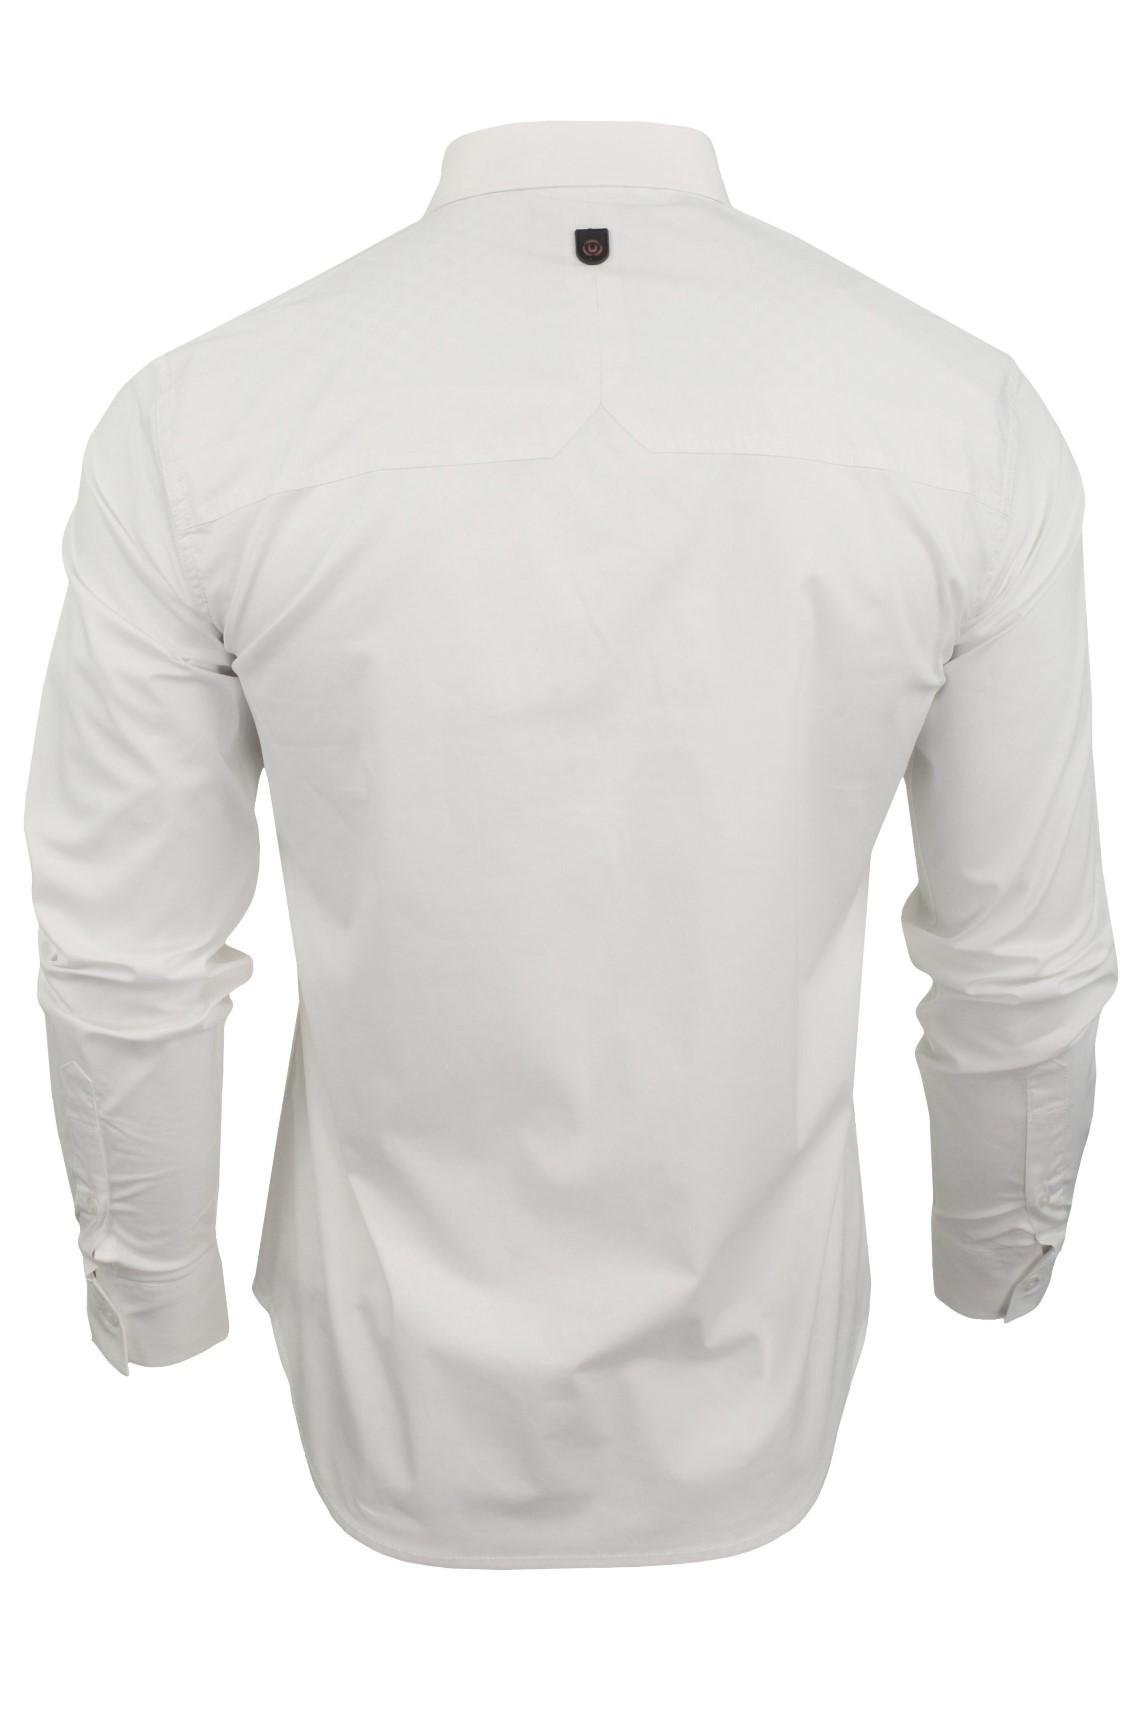 Para-Hombres-Camisa-Manga-Larga-Popelin-del-estiramiento-por-Pato-Y-Cubierta-039-raginald-039 miniatura 11